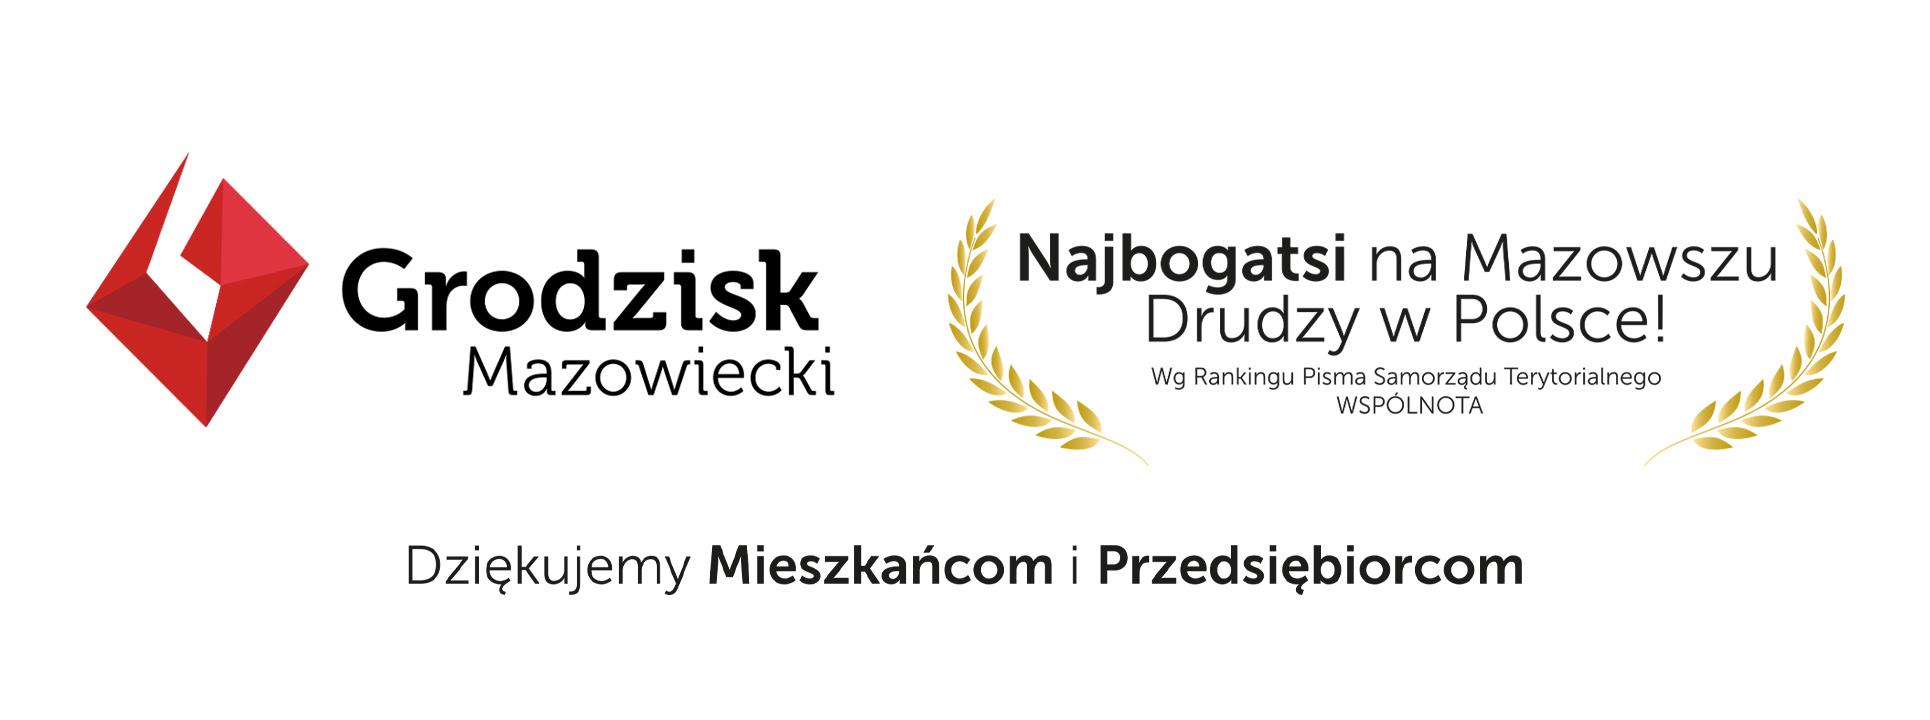 Grodzisk Mazowiecki w rankingu pisma samorządu terytorialnego wspólnota